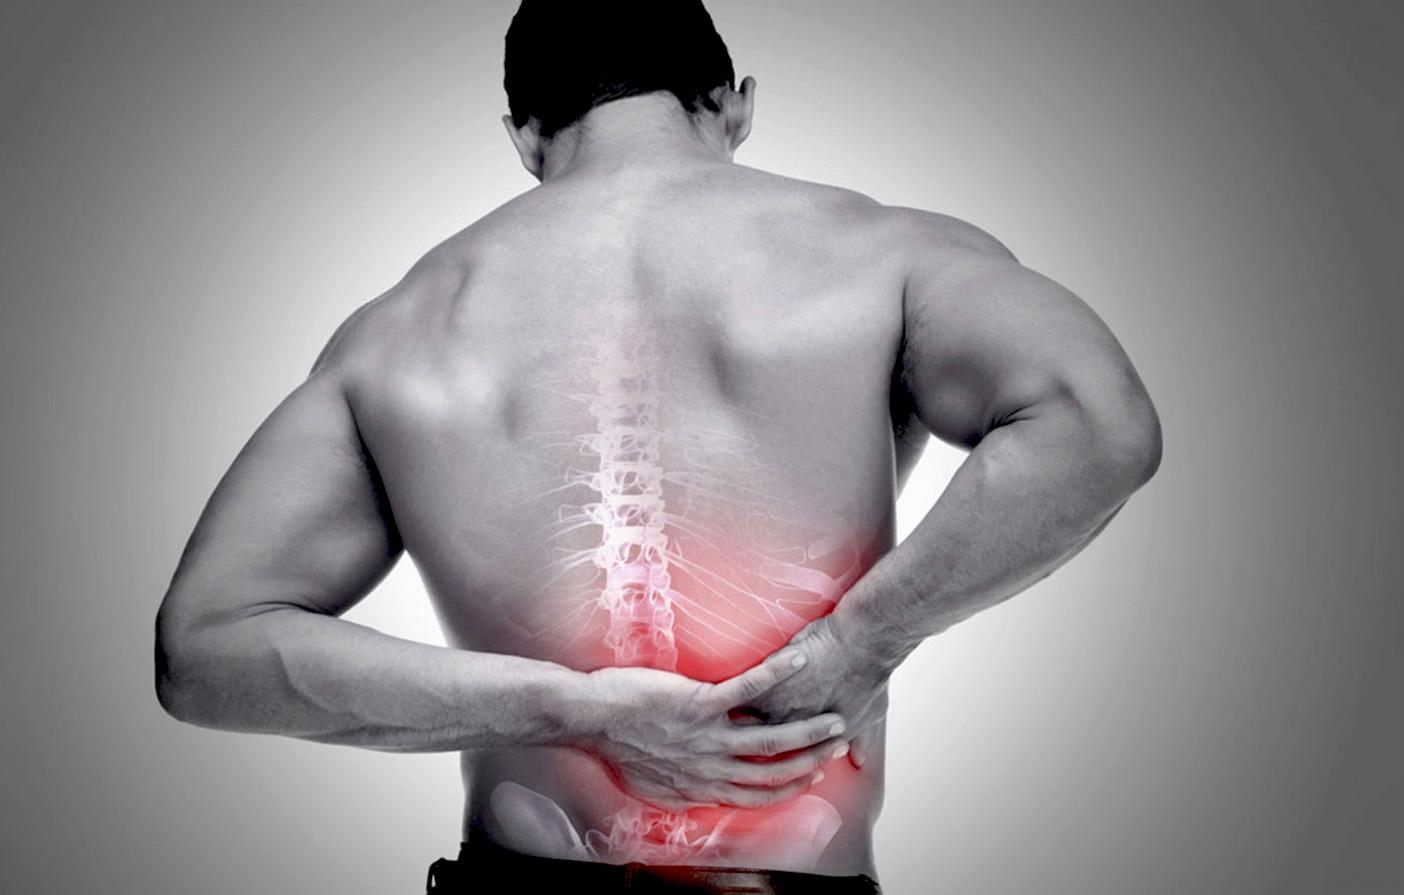 statistika gydymas sąnarių raumenys skauda ir sąnarių pagal liaudies gynimo